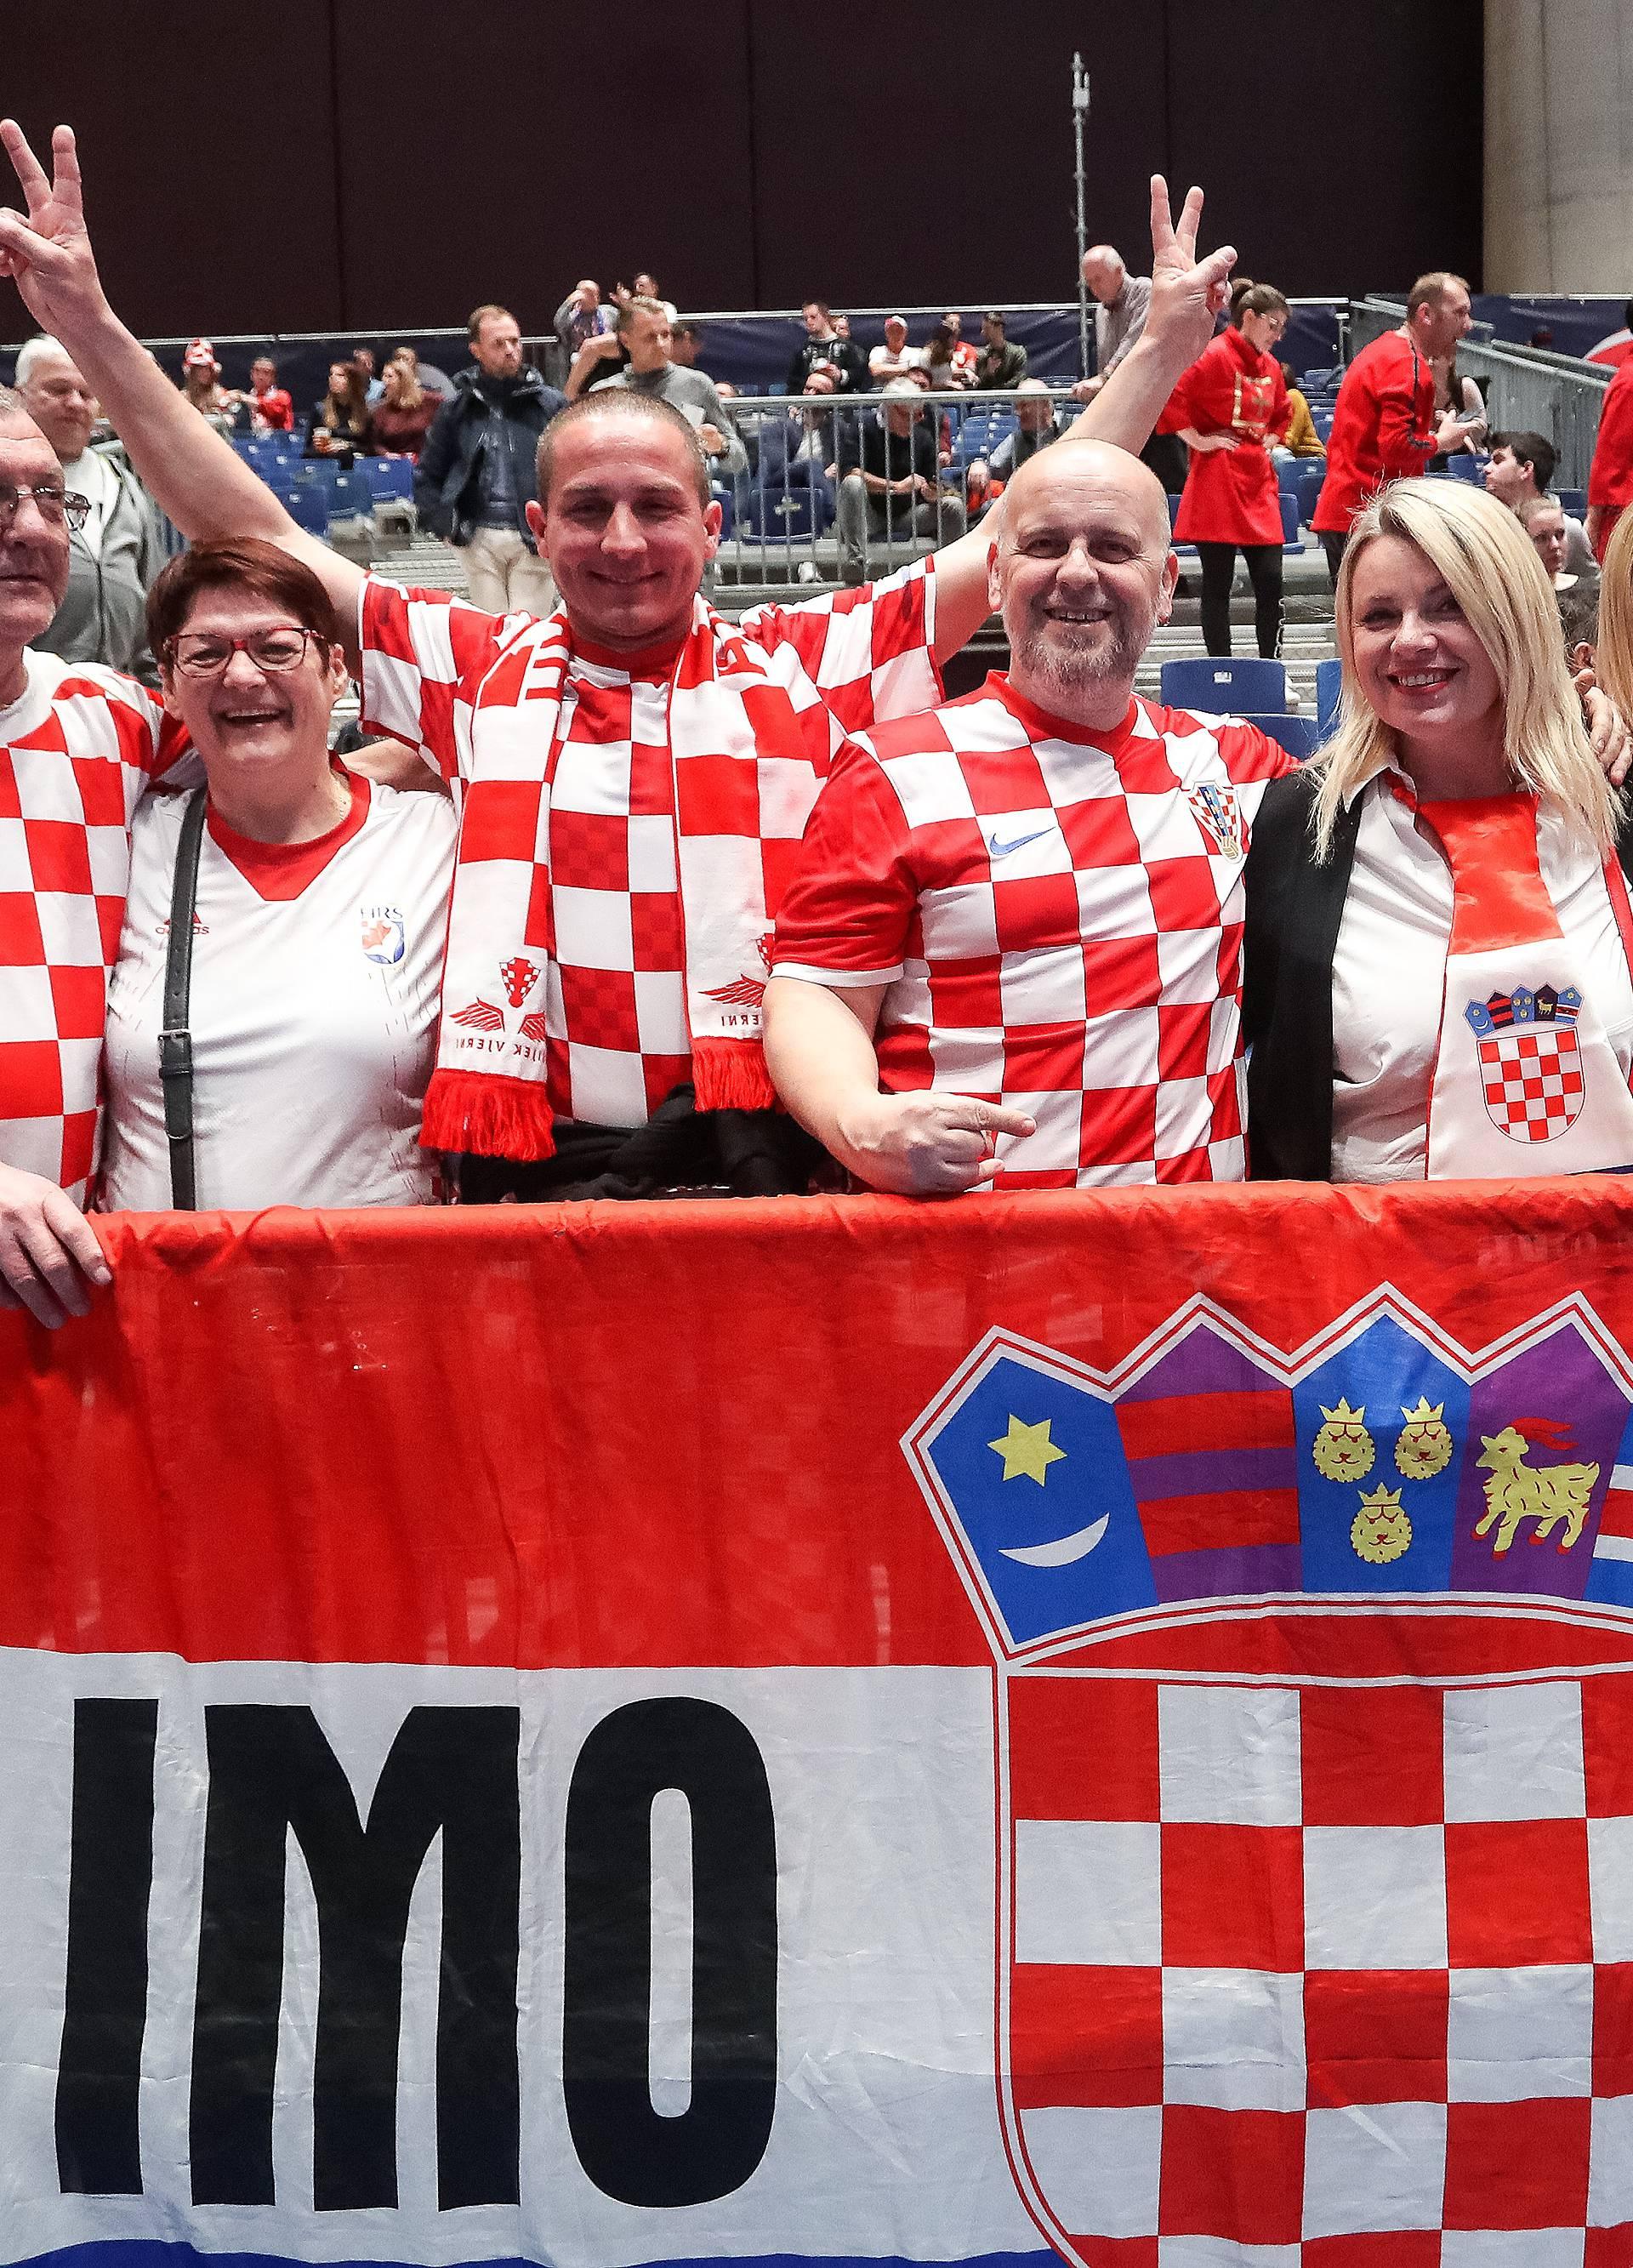 U boj, u boj: Podrška navijača u Grazu kao da smo u Hrvatskoj!